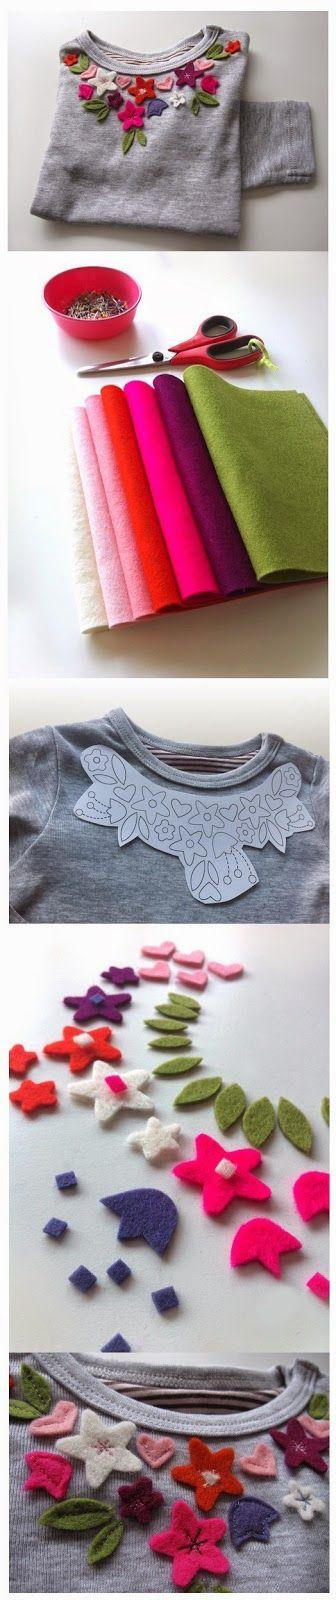 Ideias para dar nova vida às suas peças de roupa antigas ou para personalizar as suas peças favoritas.                          Boas Costur...